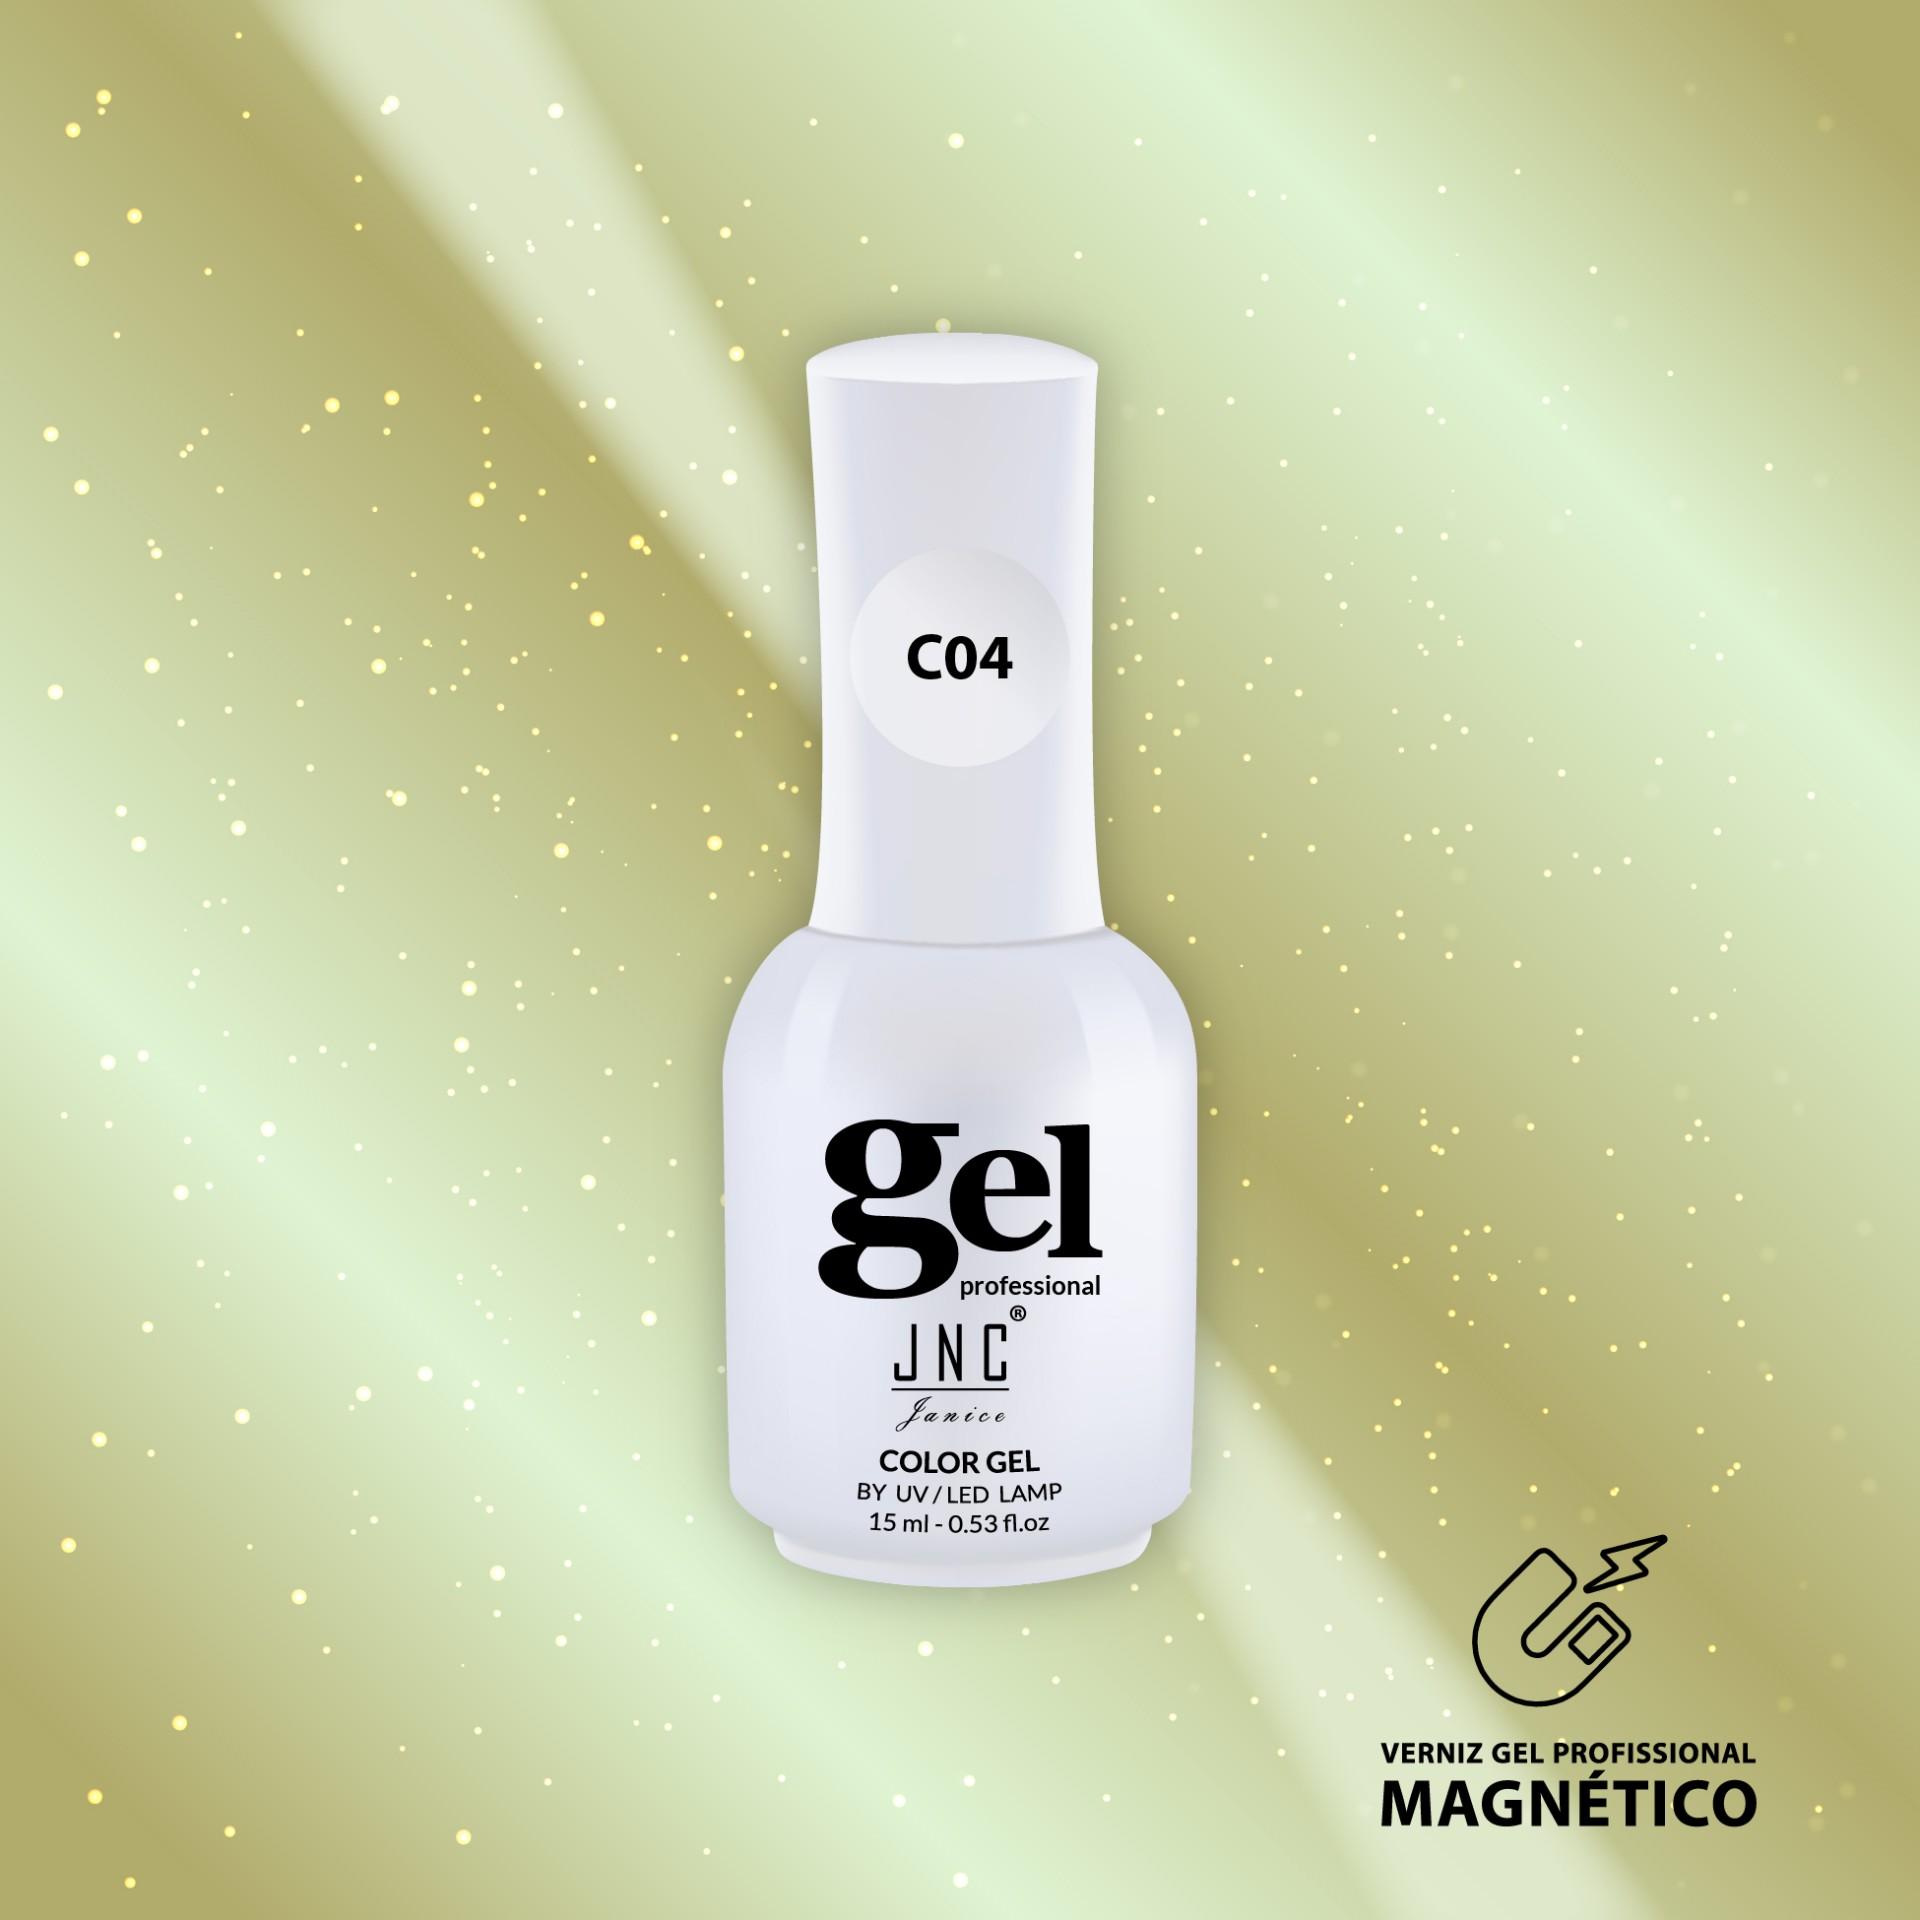 Verniz Gel Cat Eye C04